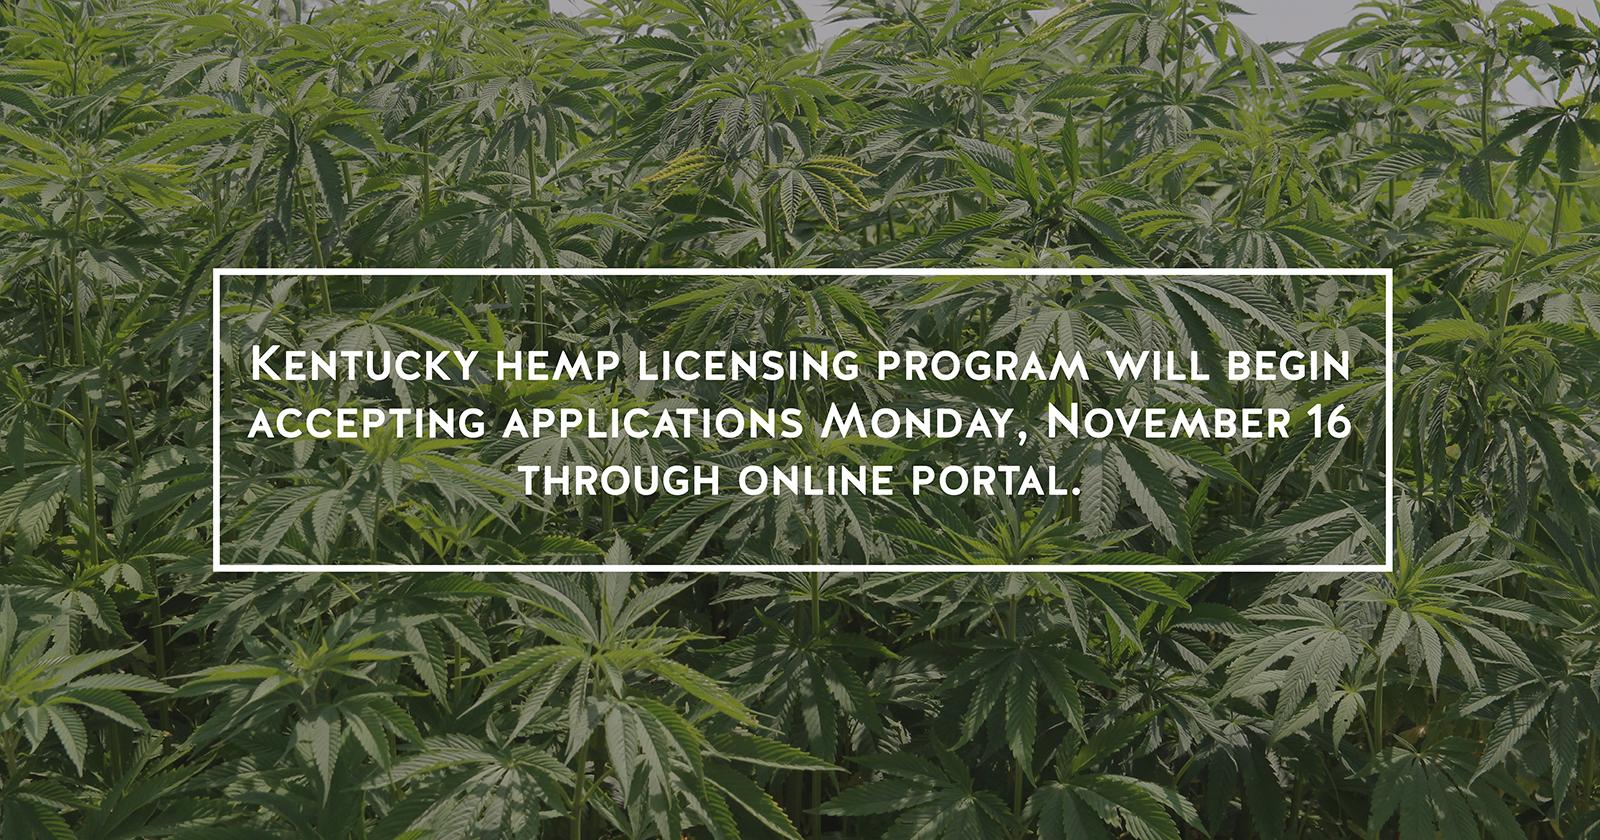 Kentucky hemp application portal